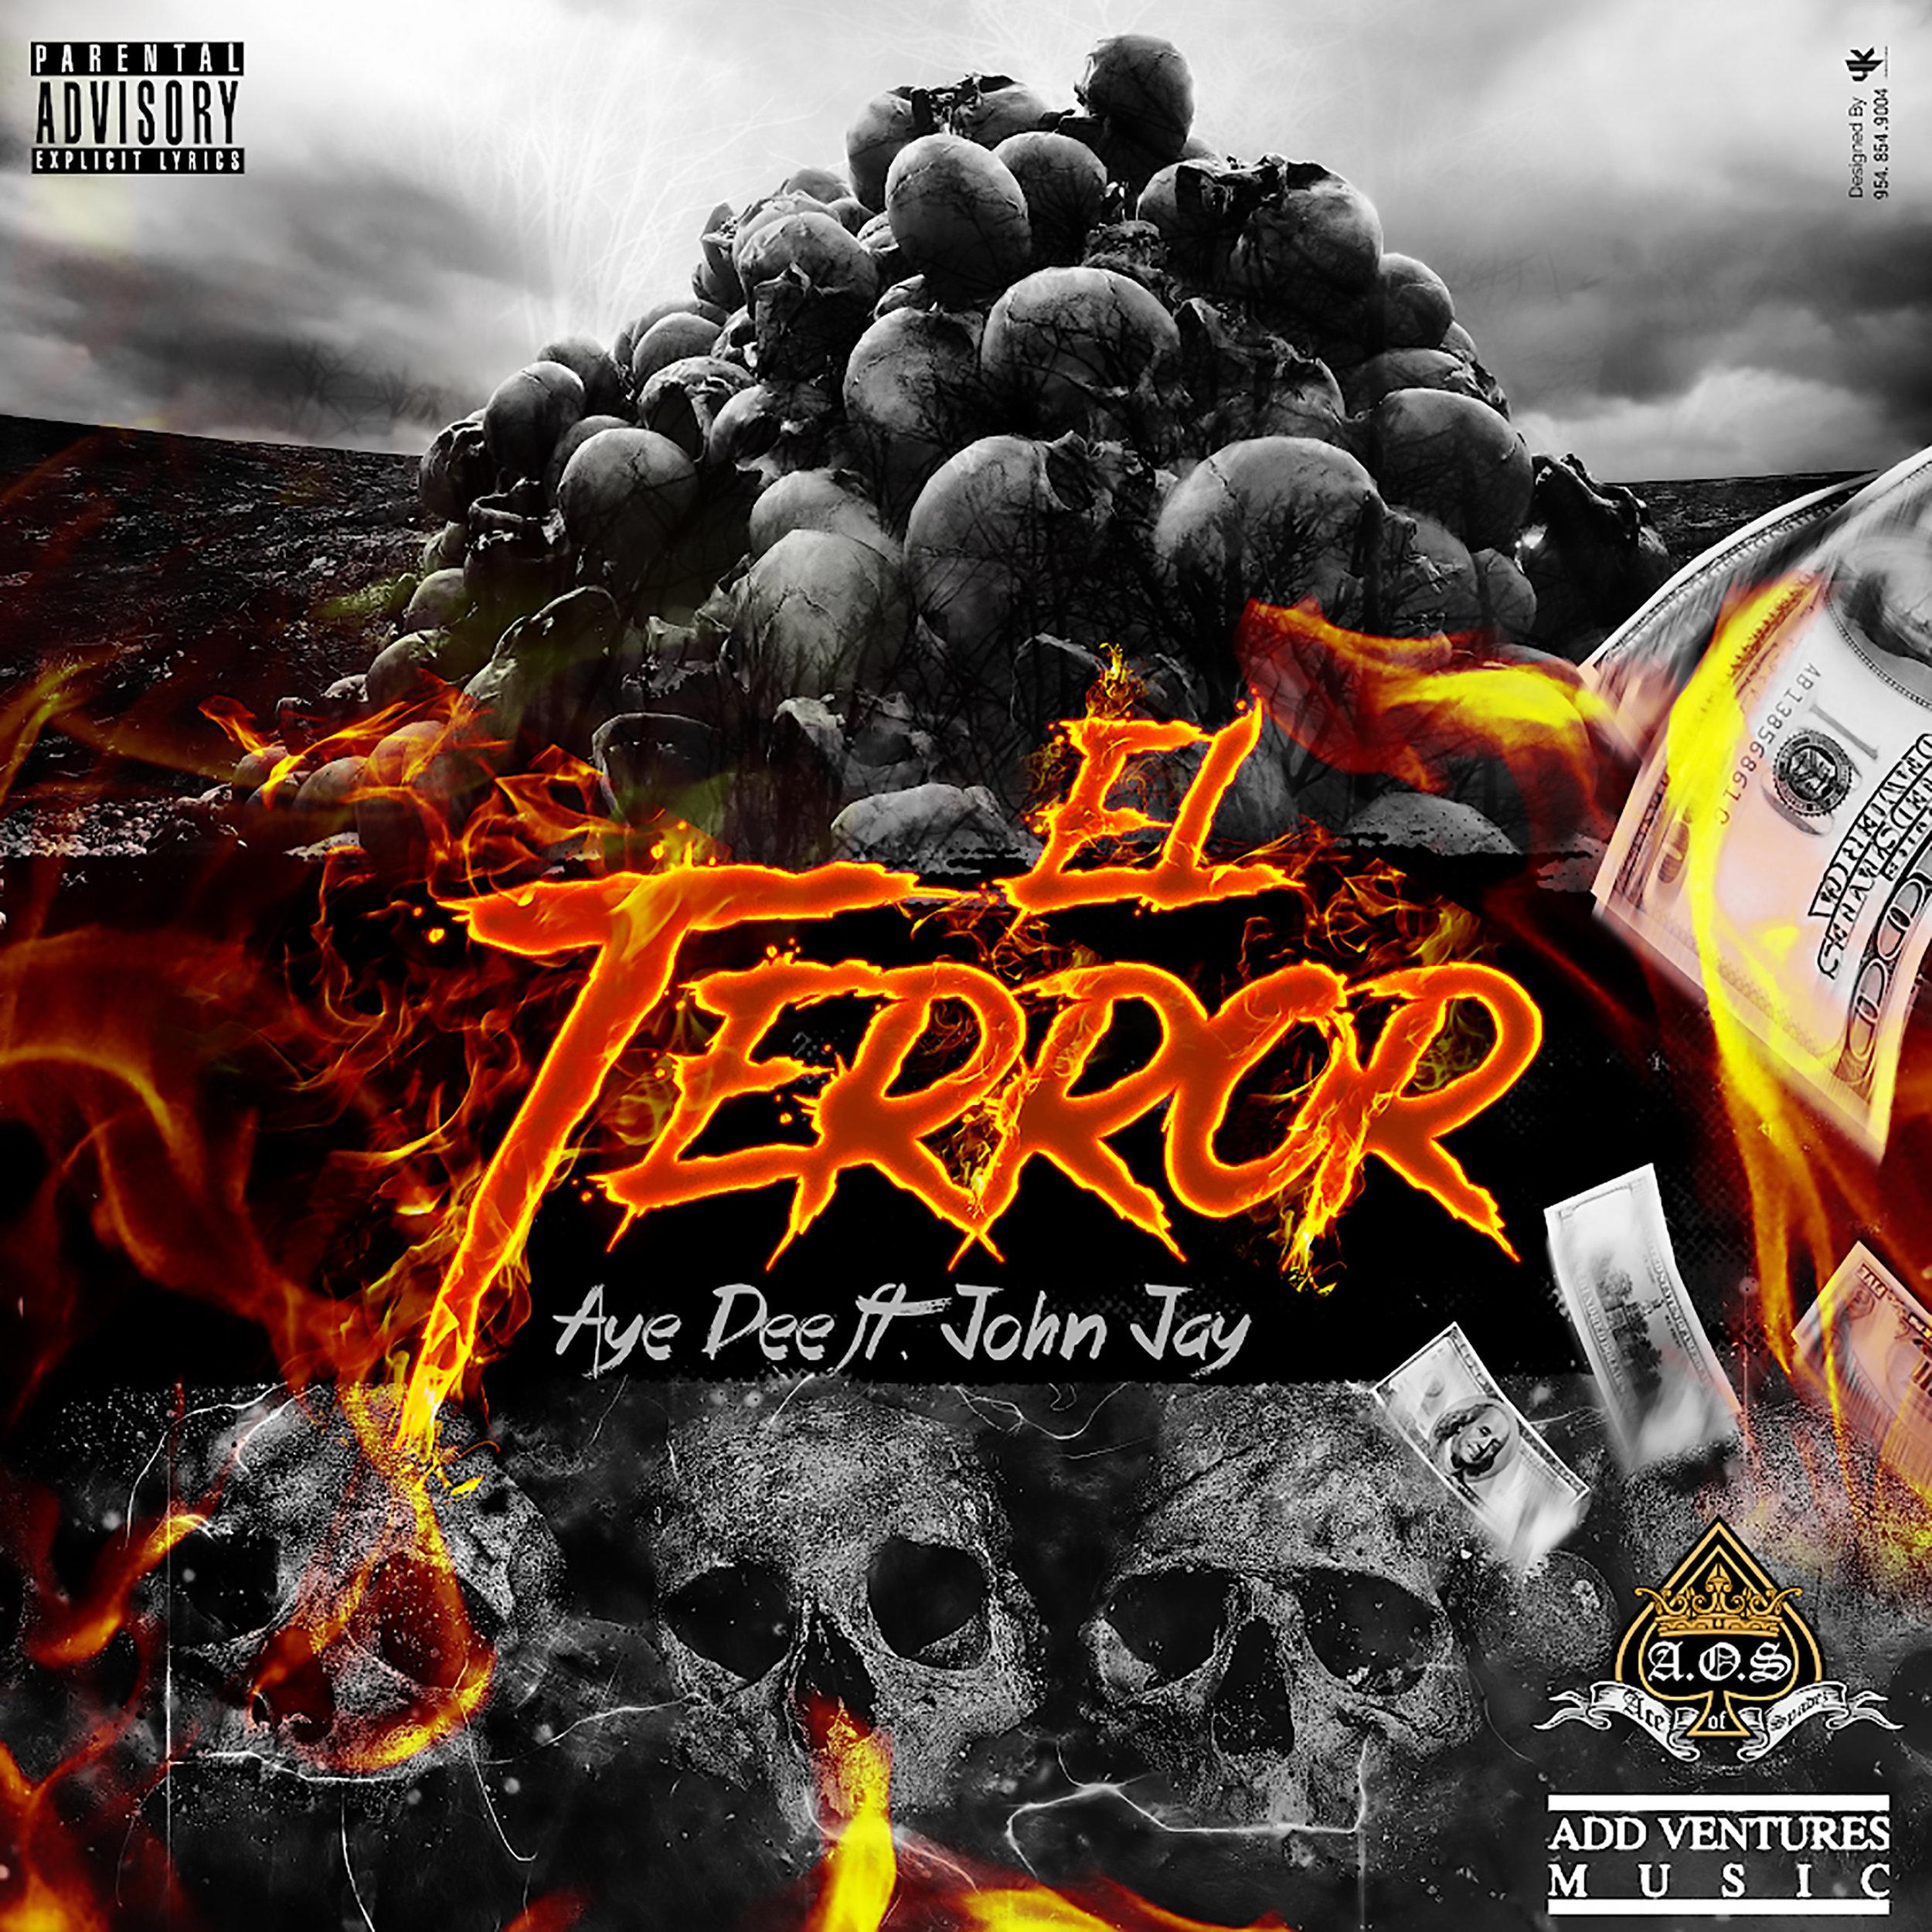 Aye Dee - El Terror - Explicit Single IMG-1985 (1).jpg